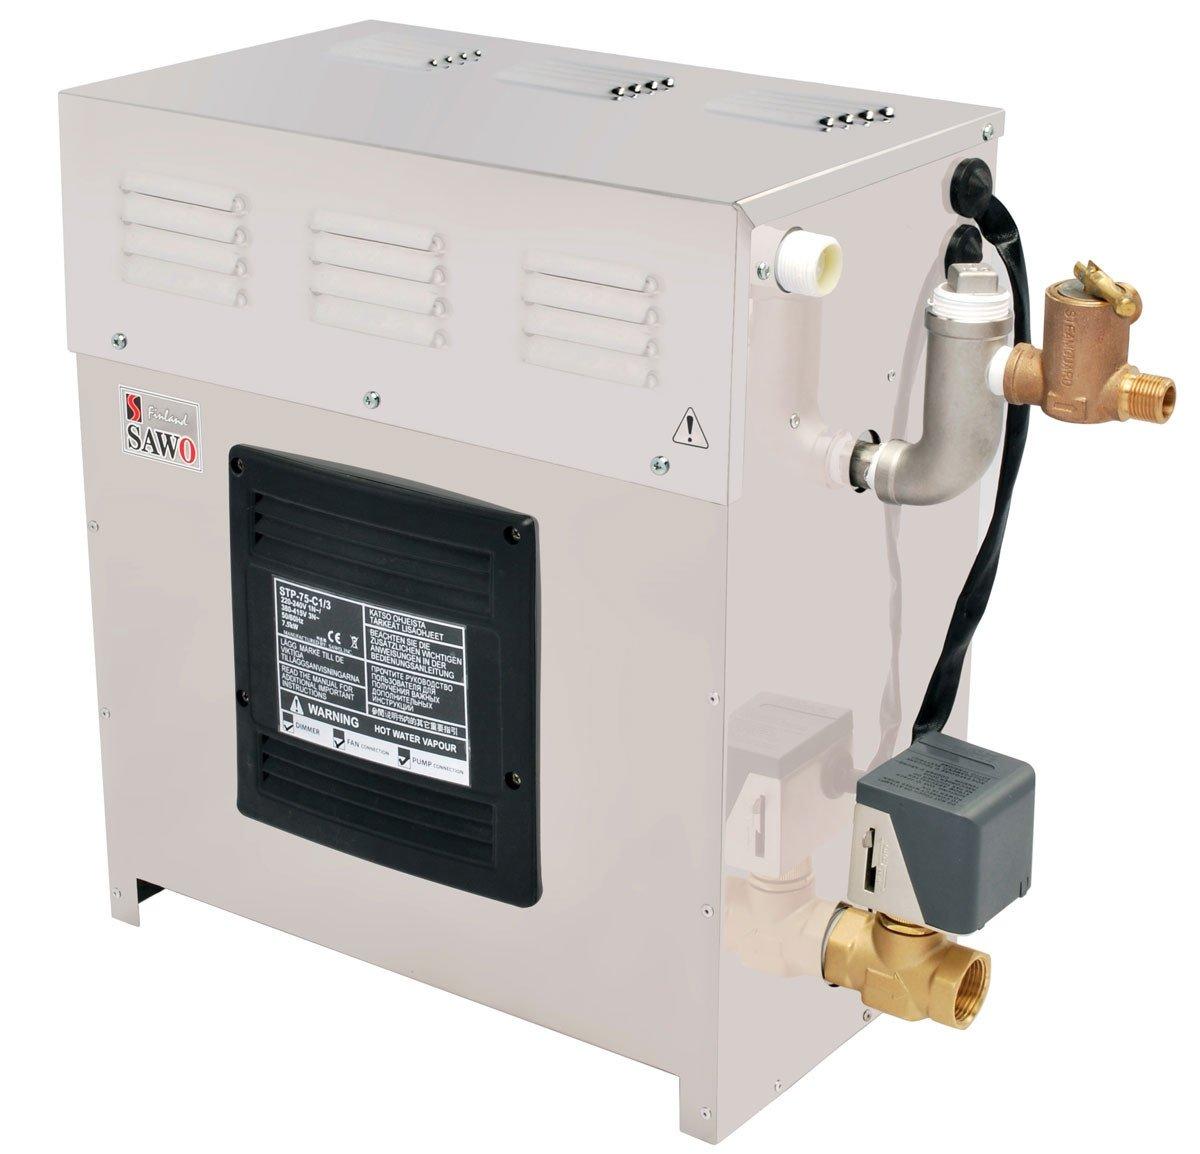 Afbeelding van Sawotec 3,5 kW stoomgenerator tot 3,5 m3 (STP-35-1/2)